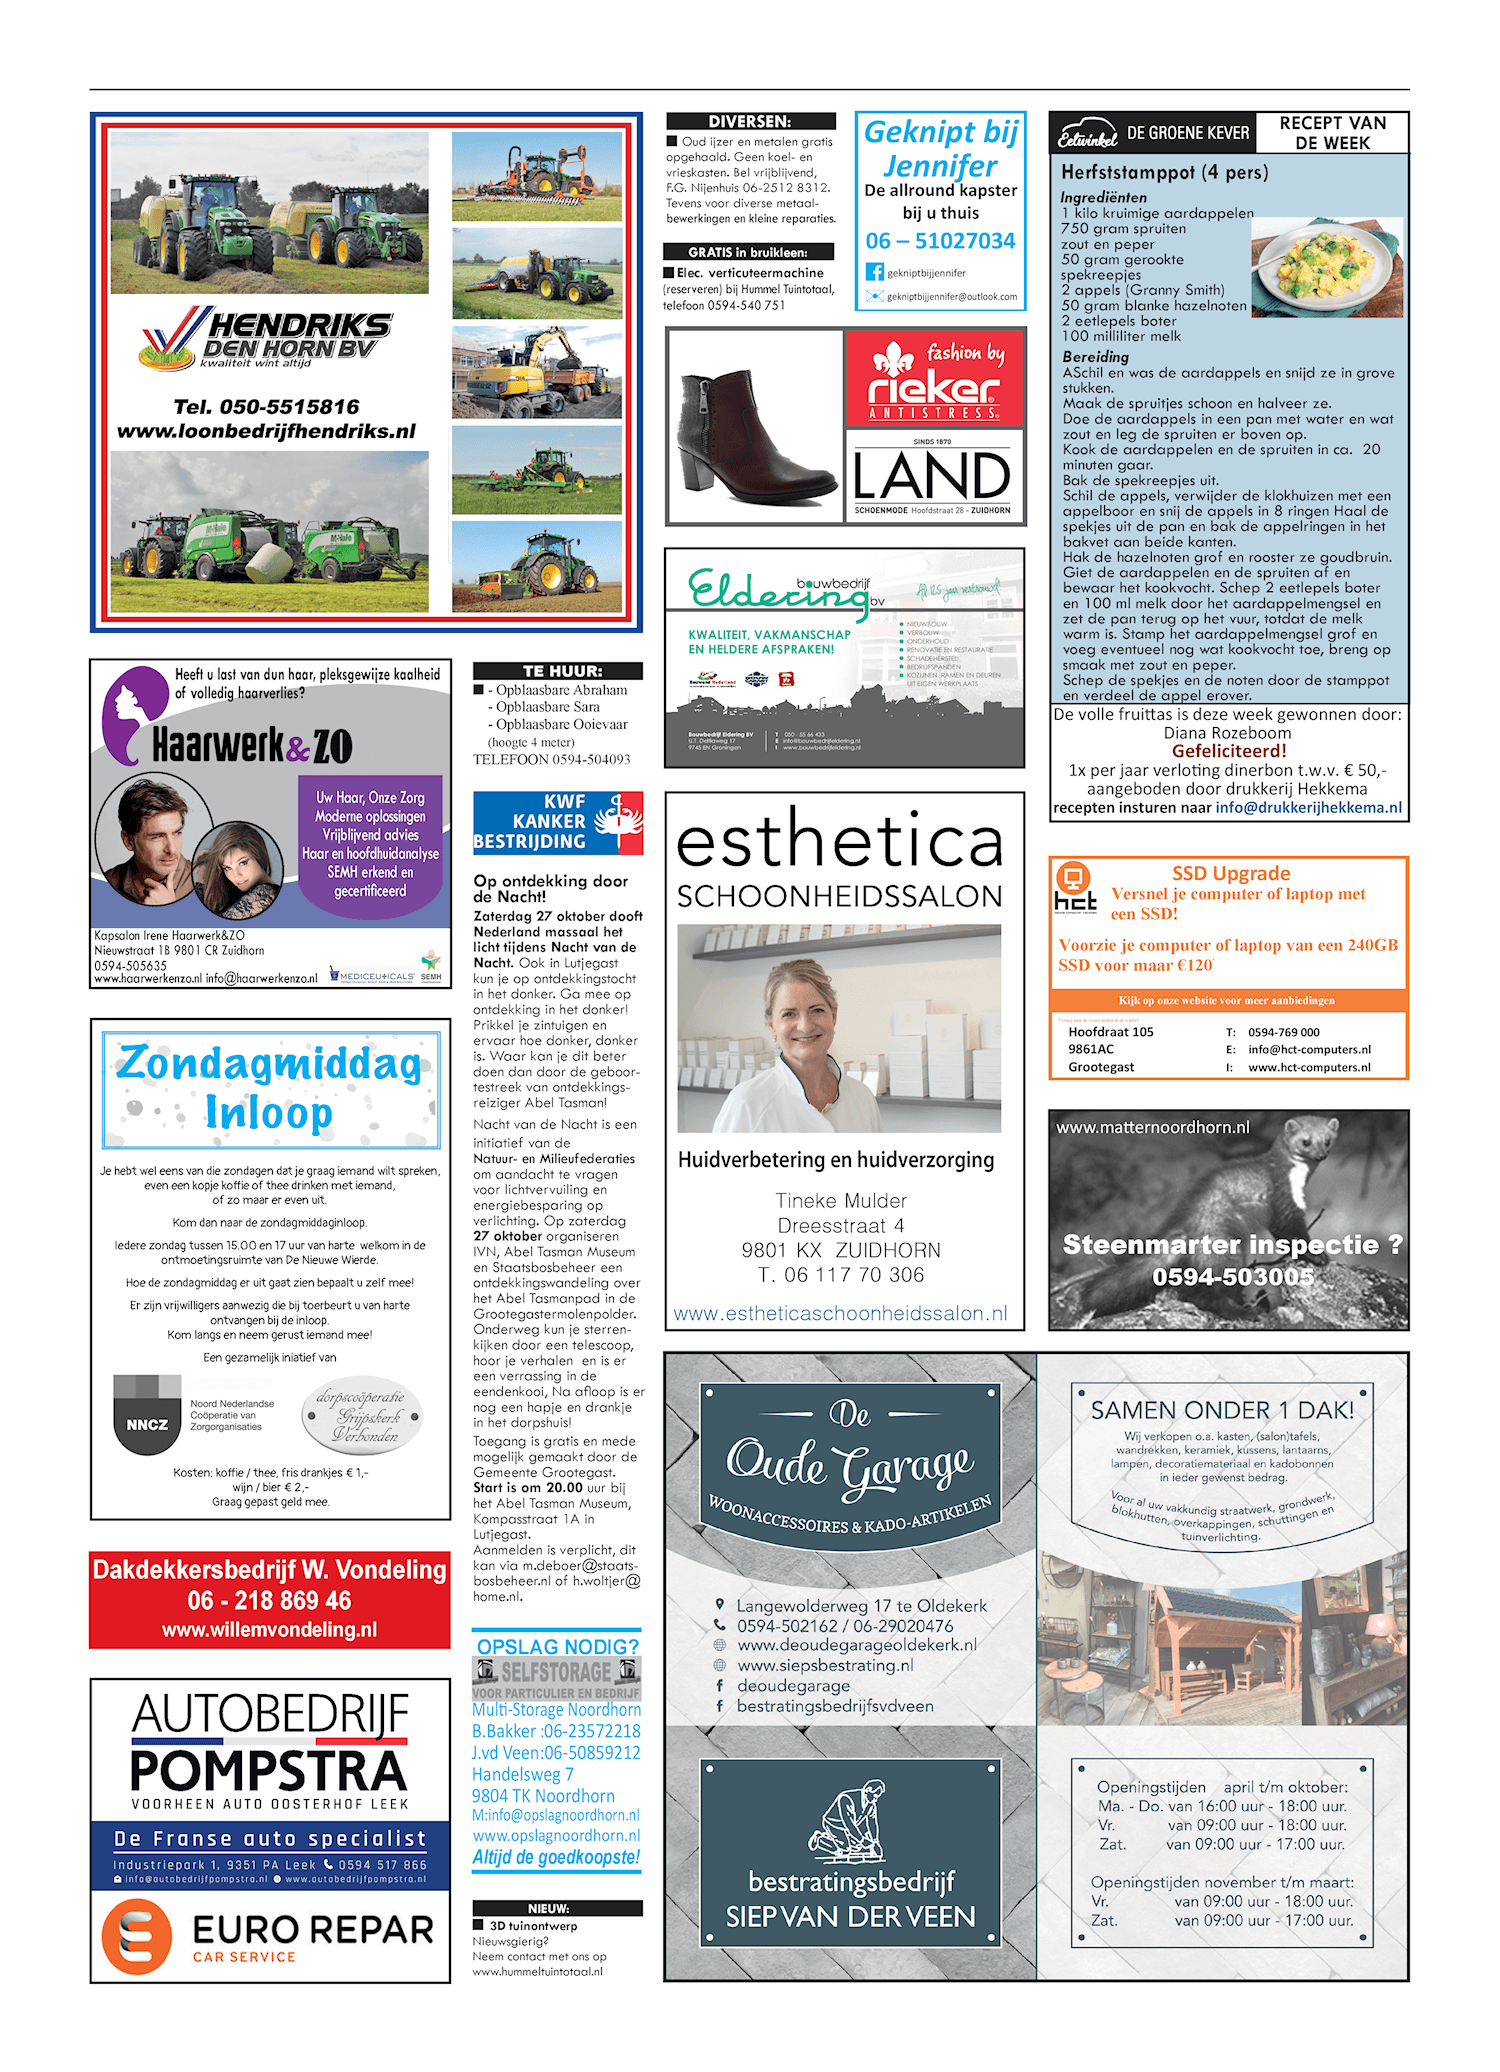 Drukkerij Hekkema - Zuidhorn - Zaken die uw aandacht vragen 2018 week 43